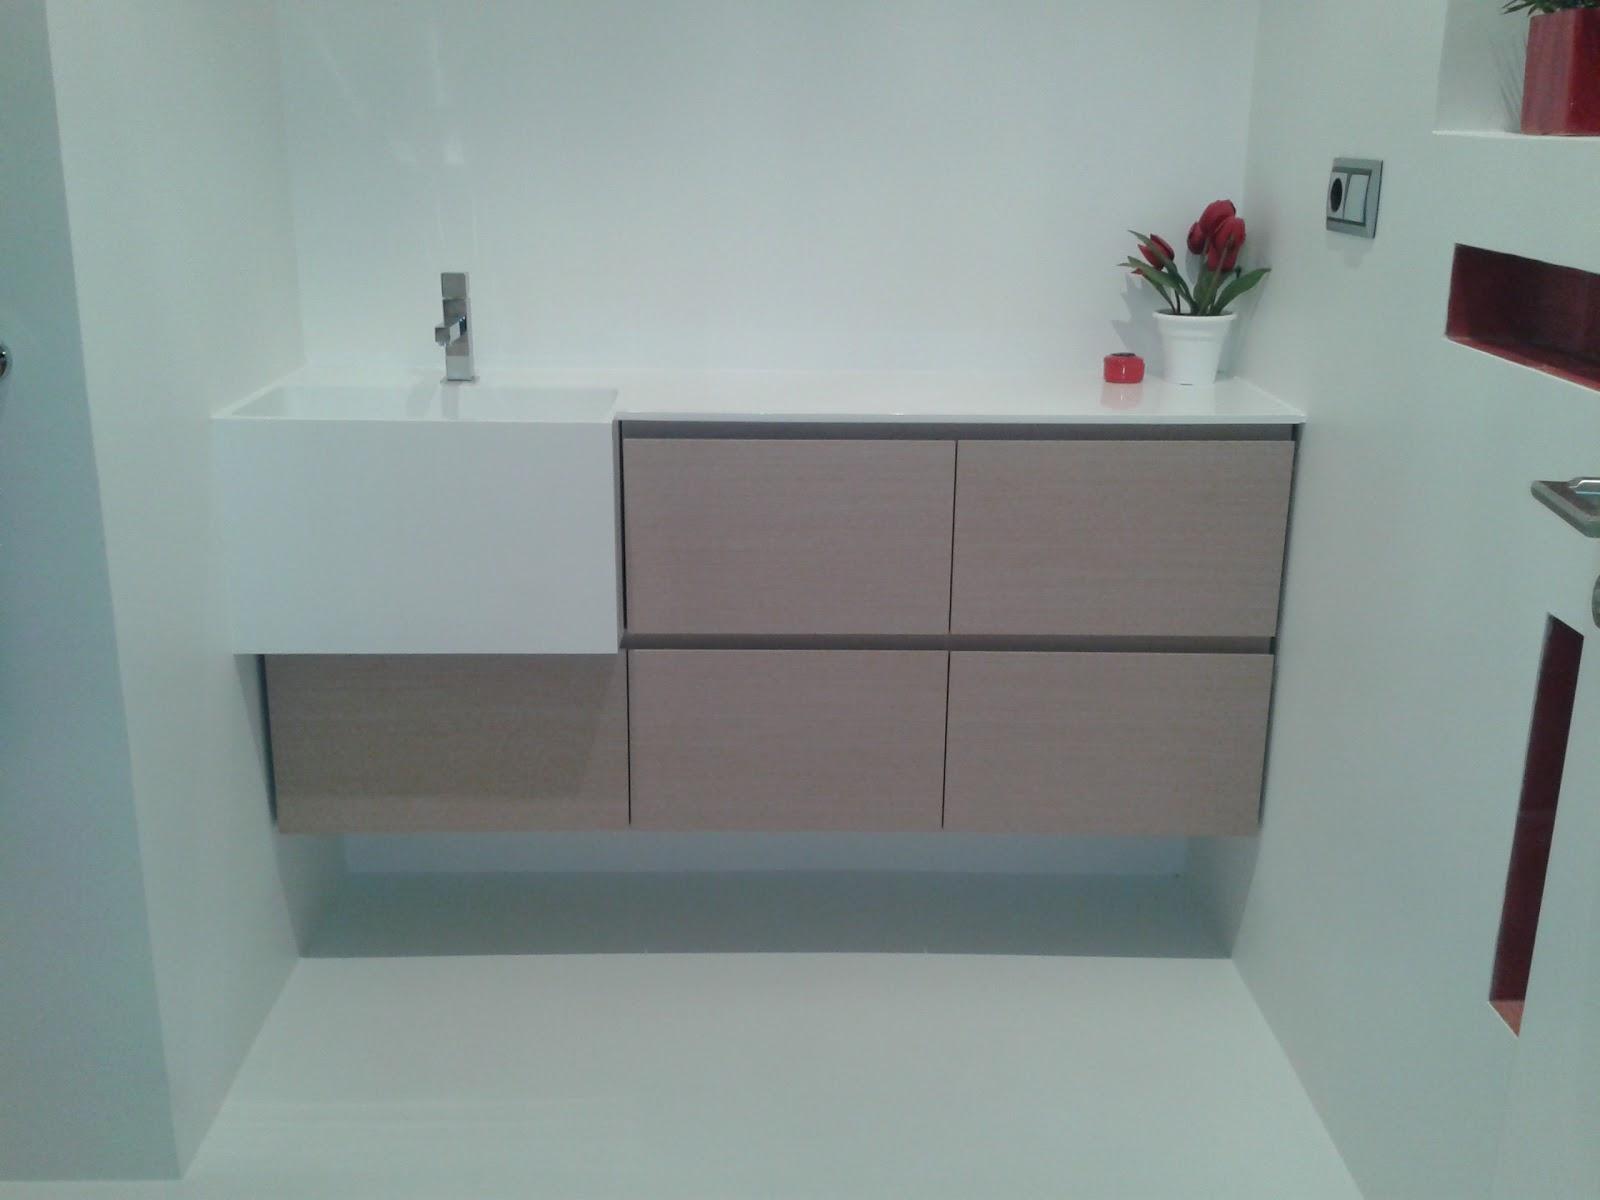 Terral muebles a medida y tarimas de ducha: BAÑOS II ...